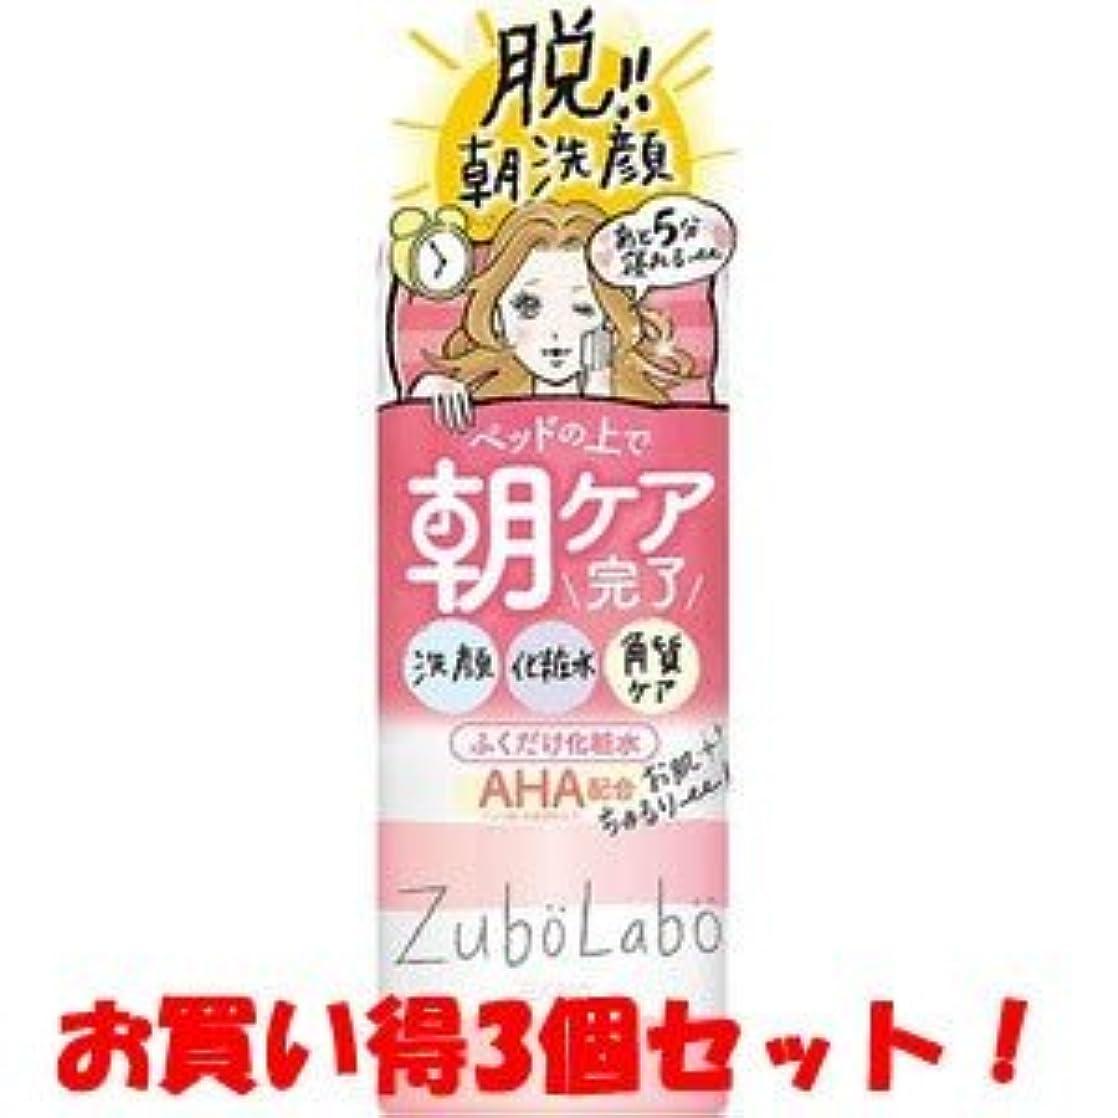 息切れドロー転送(常盤薬品工業)サナ ズボラボ 朝用ふき取り化粧水 300ml(お買い得3個セット)